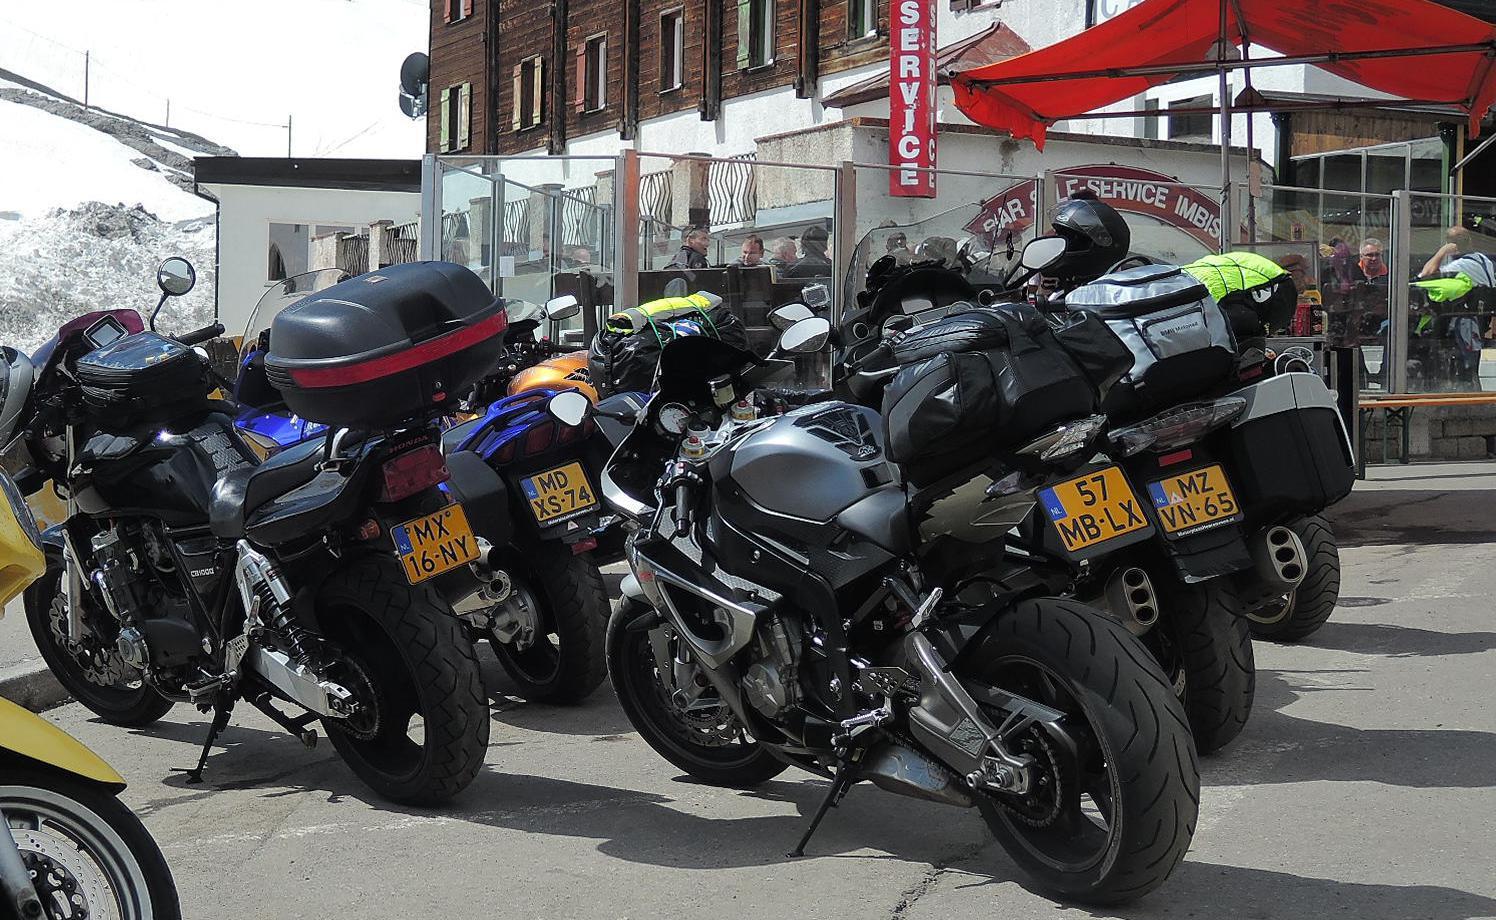 El puerto del Stelvio, una permanente exposición de motos.